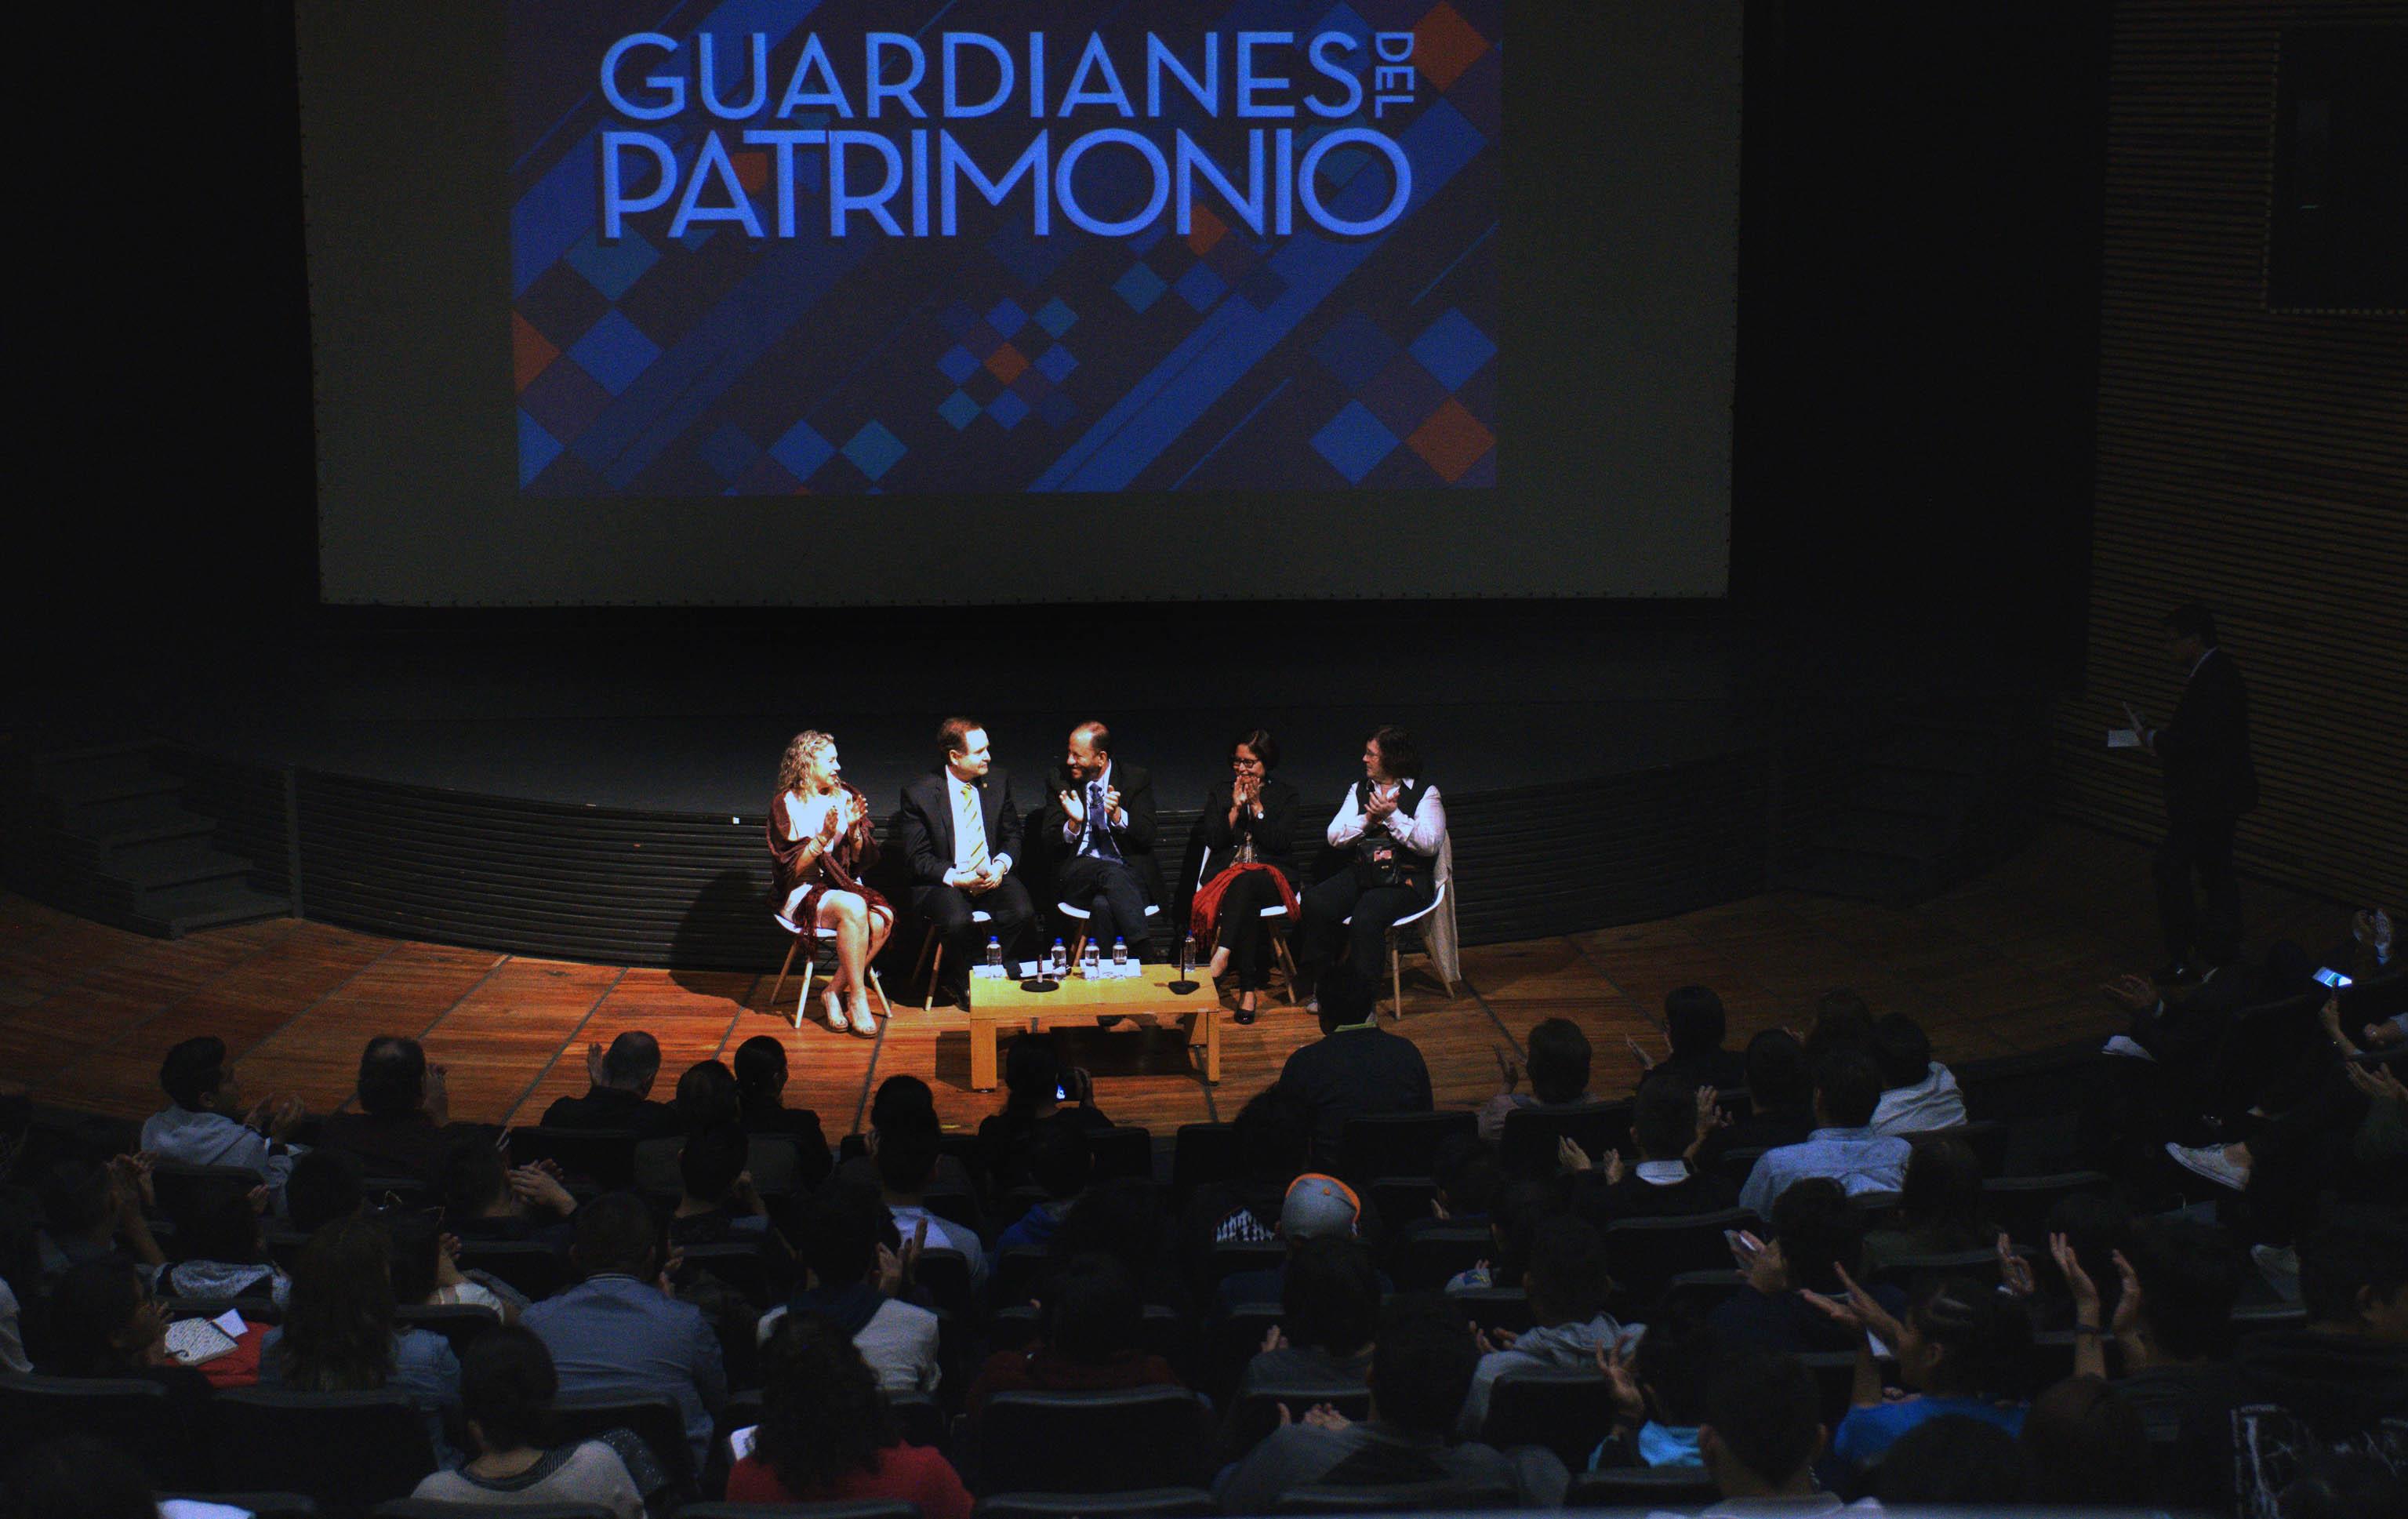 PRESENTAN INICIATIVA GUARDIANES DEL PATRIMONIO, DESARROLLADA POR LA UNAM Y LA CDMX